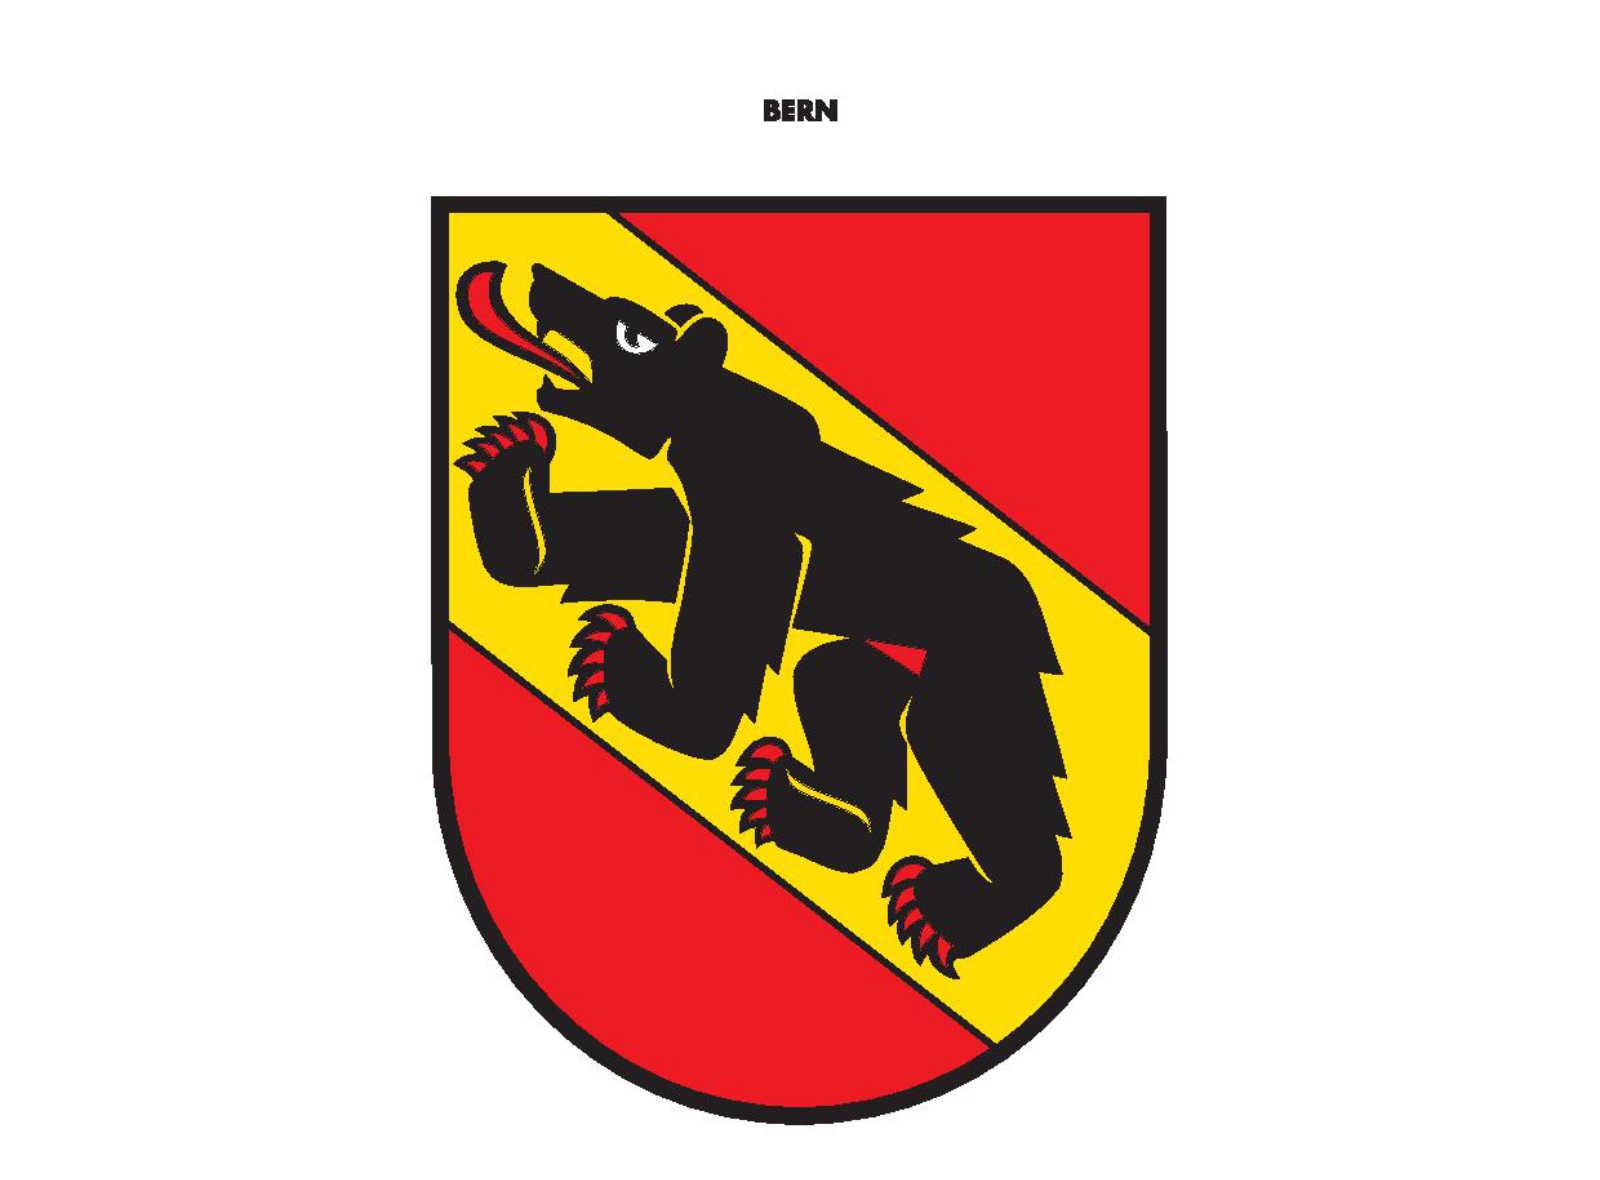 Schweizer Kantone – Bern